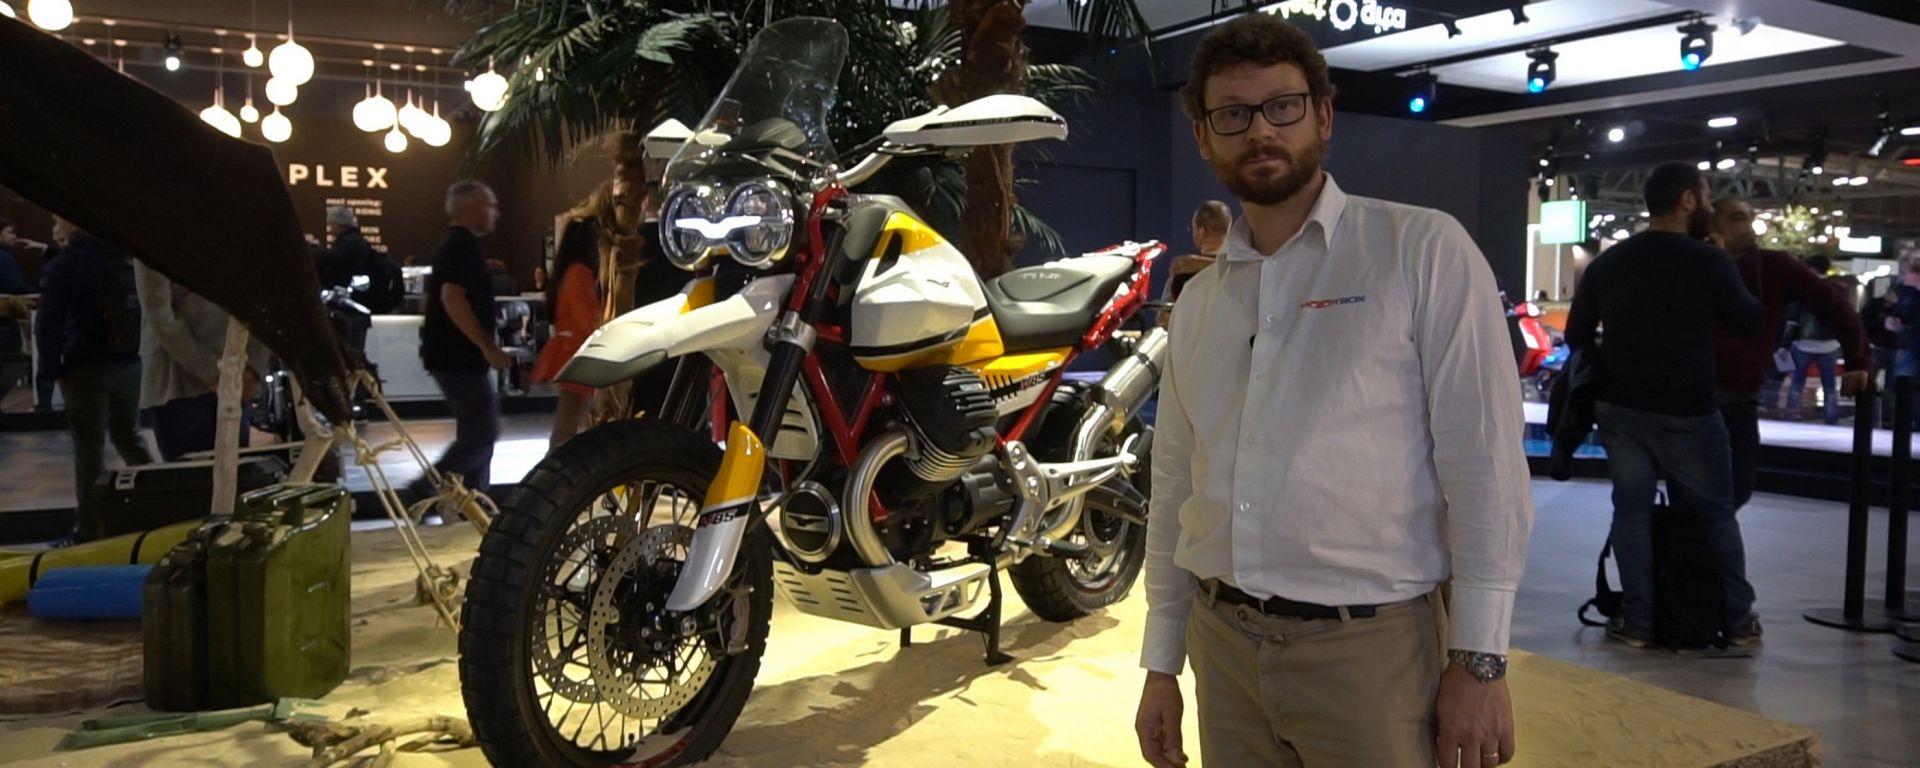 Moto Guzzi Concept V85: in arrivo una nuova famiglia di moto [VIDEO]